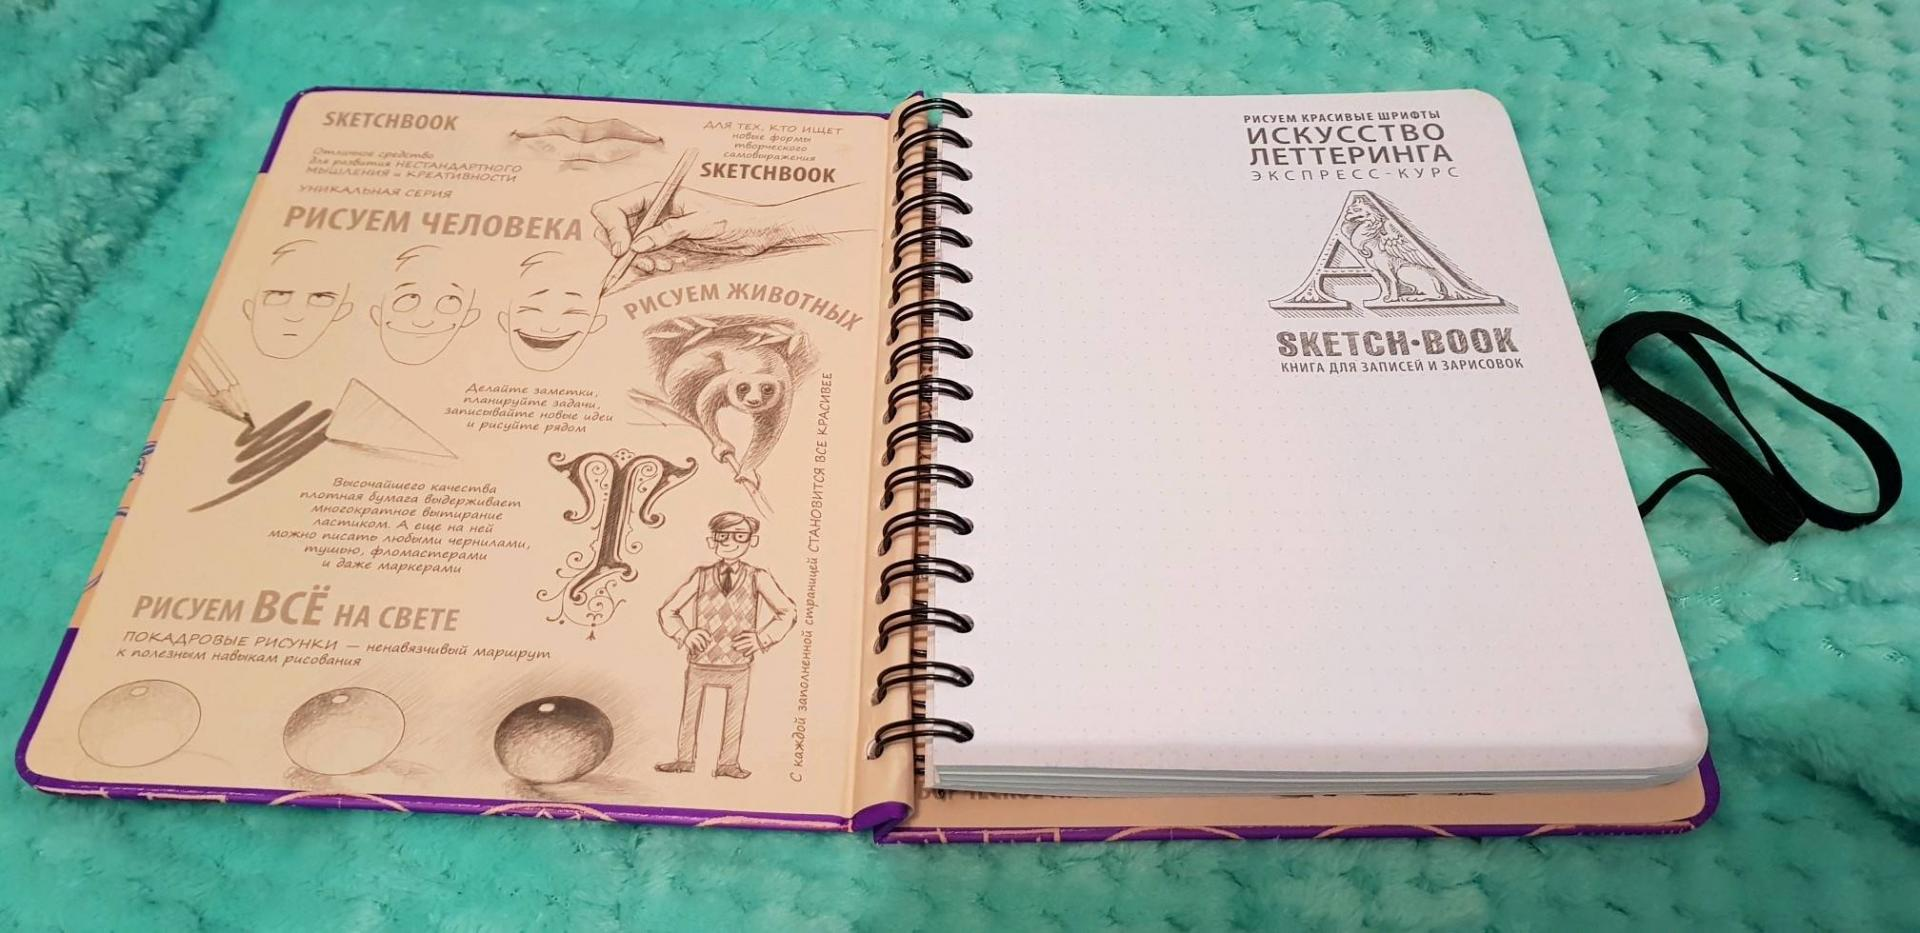 Иллюстрация 29 из 30 для Sketchbook. Рисуем красивые шрифты. Искусство леттеринга. Визуальный экспресс-курс рисования - Пименова, Осипов   Лабиринт - книги. Источник: Nosta-Lind